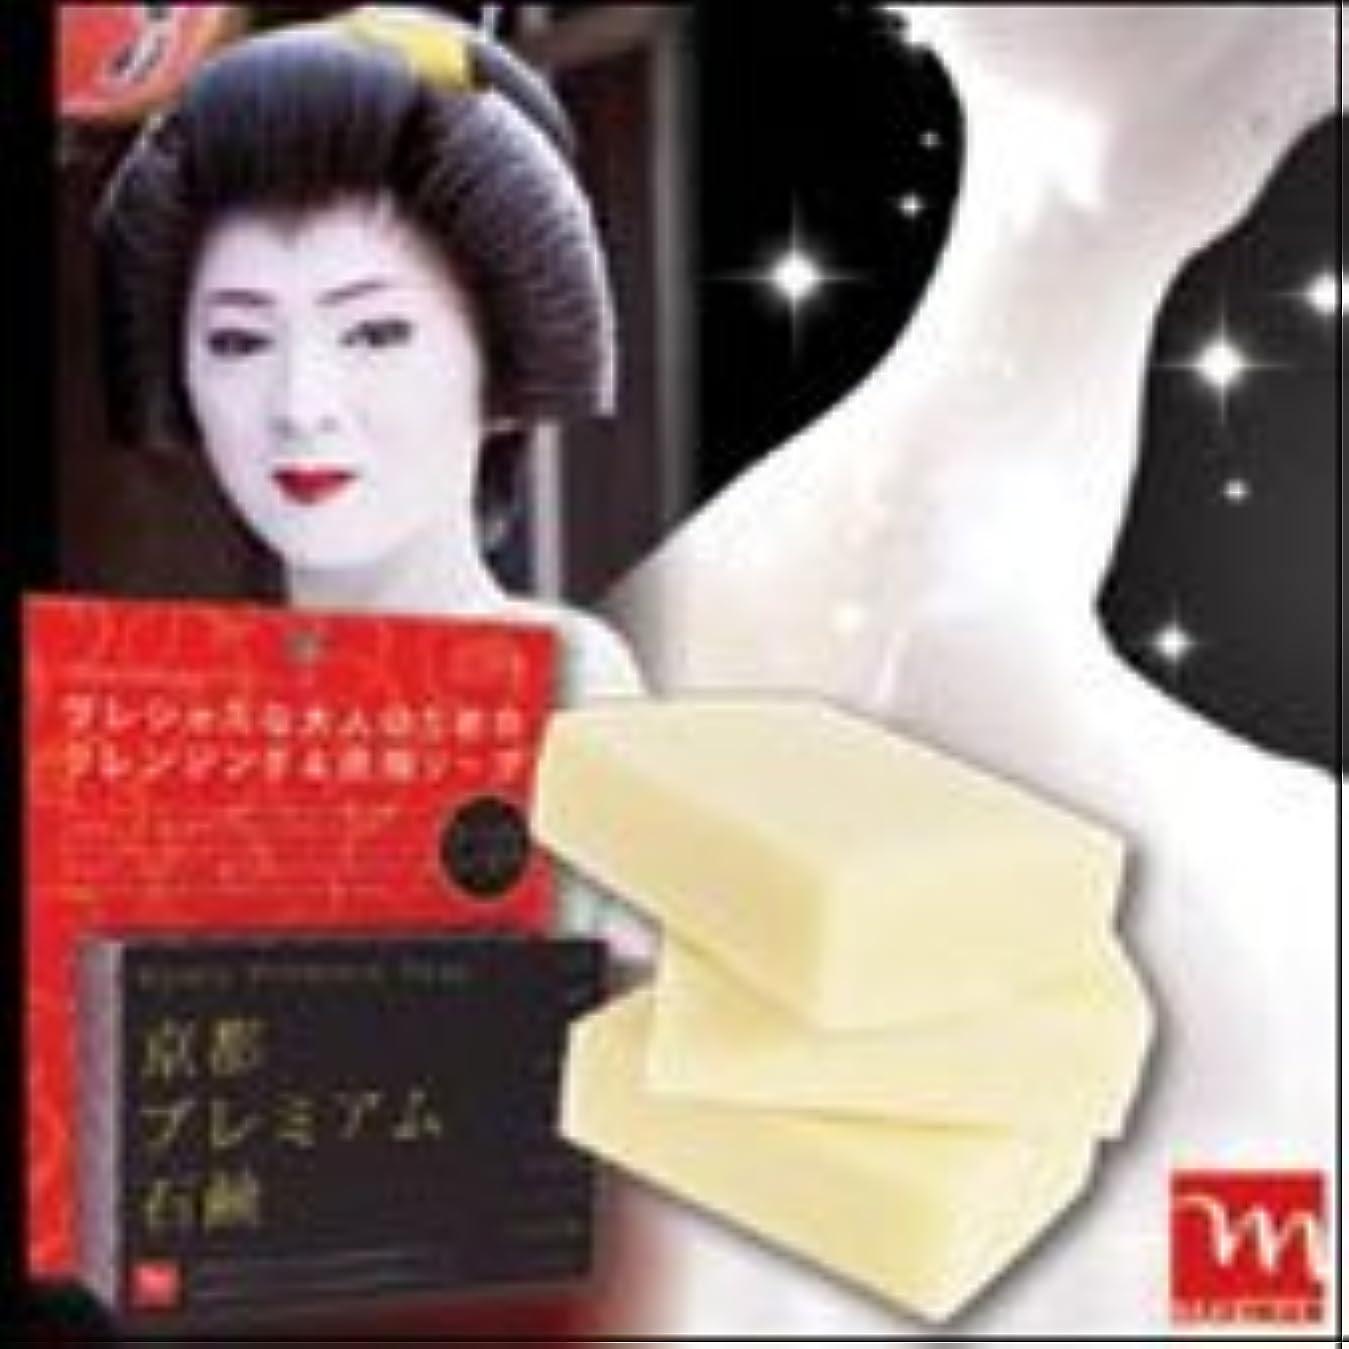 皮遠えマウンド☆「京都プレミアム石鹸」【1個】★